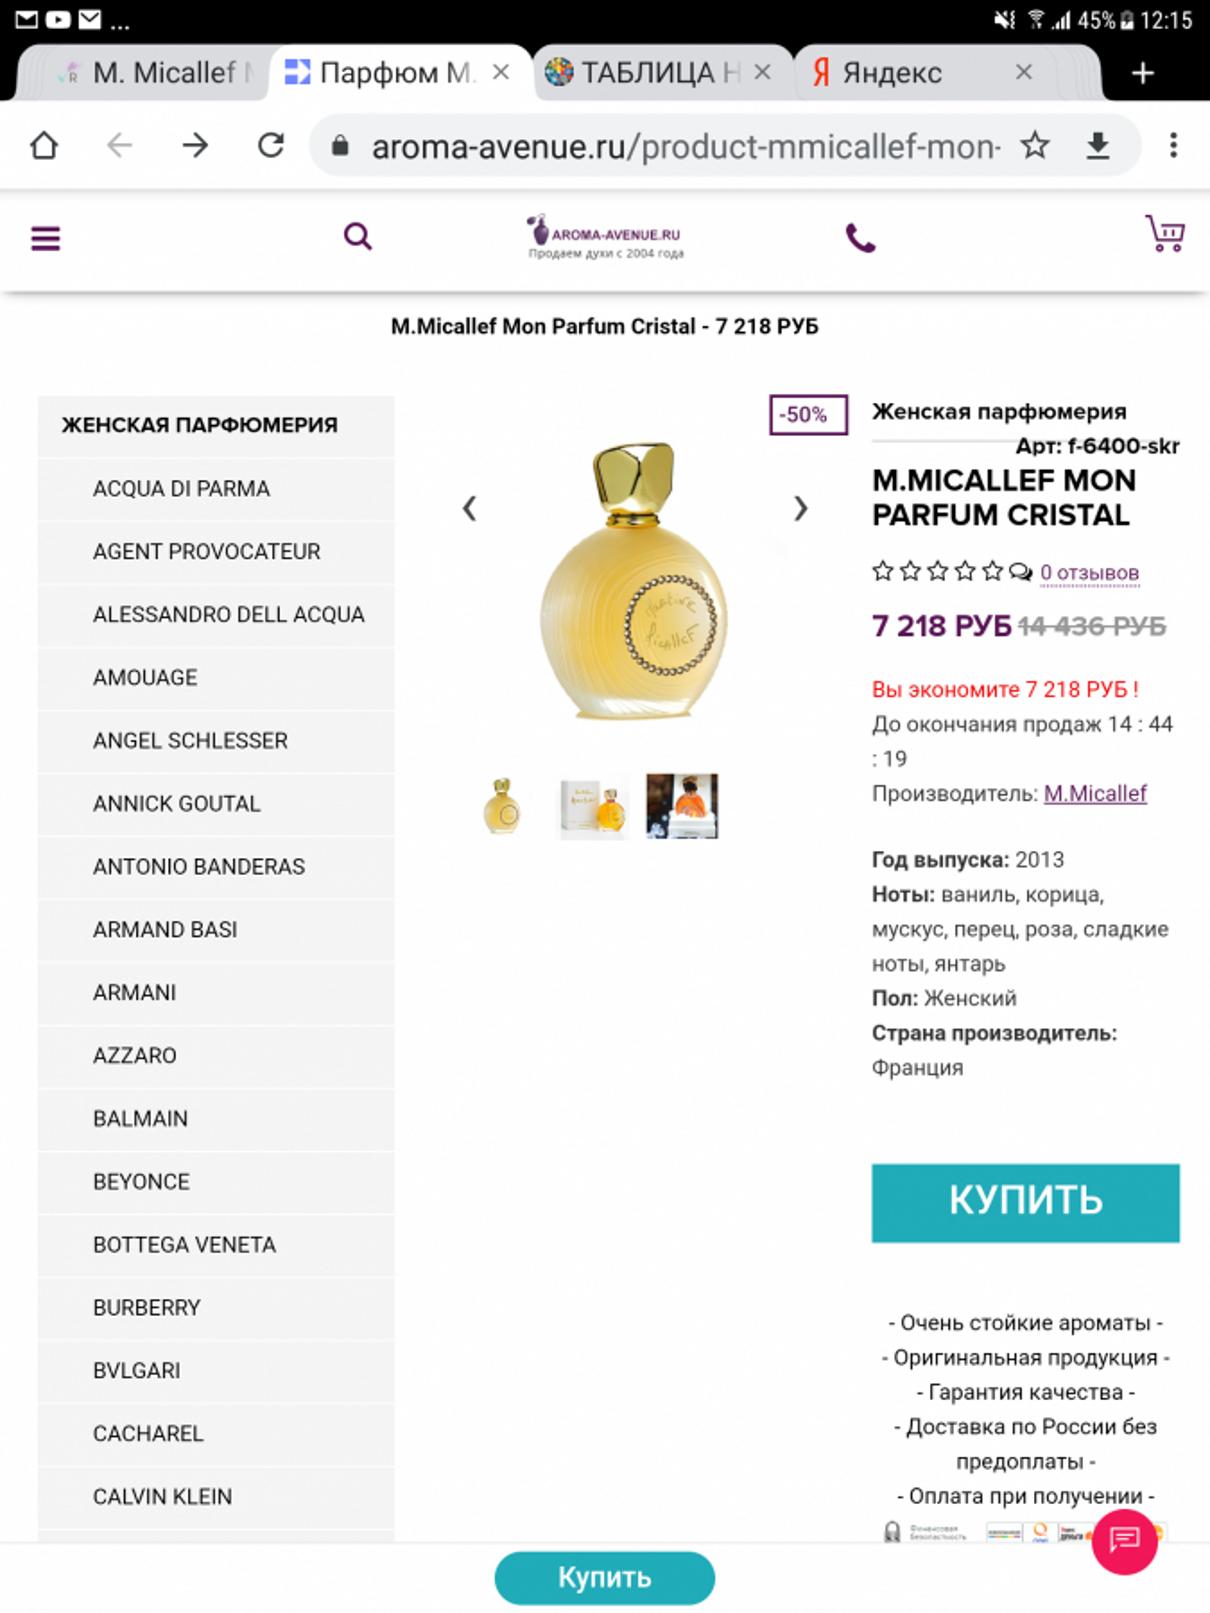 Жалоба-отзыв: Сайт aroma-avenue.ru, ооо-parfumeria.onlaine (Макаров Е. Г.) - Возврат товара и возврат денежных средств.  Фото №5